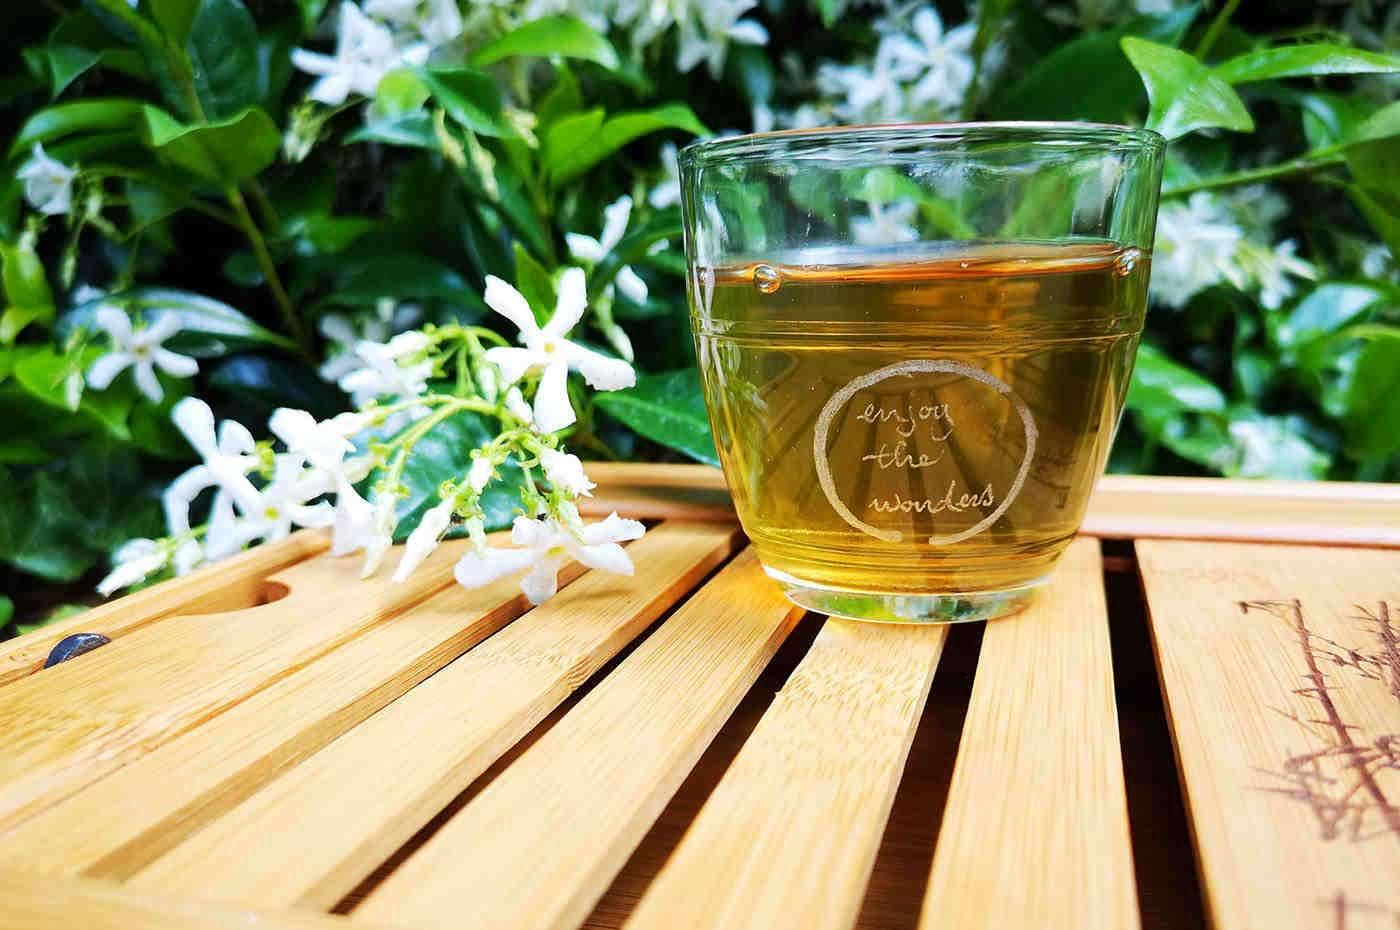 Cei care beau ceai trăiesc mai mult și sunt mai sănătoși [studiu]